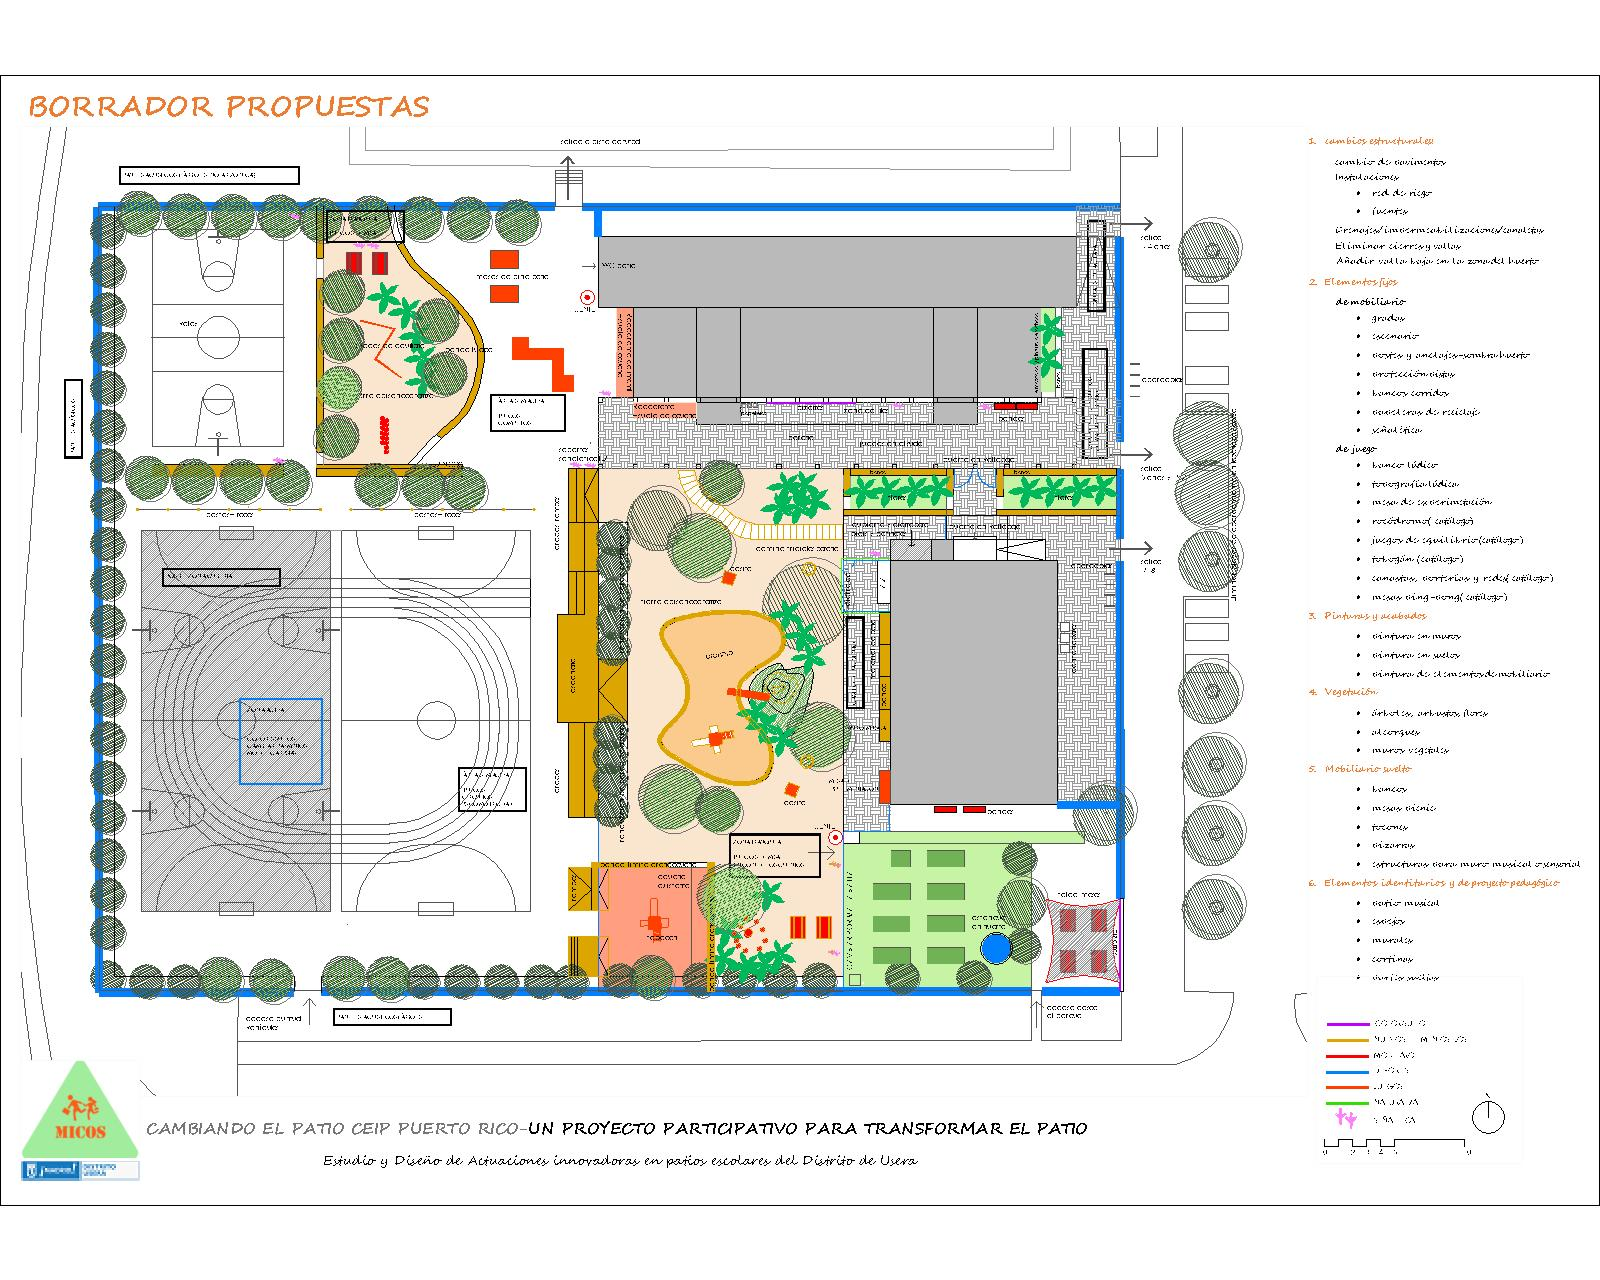 Actuaciones innovadoras en patios de colegios de Usera - Pez Arquitectos